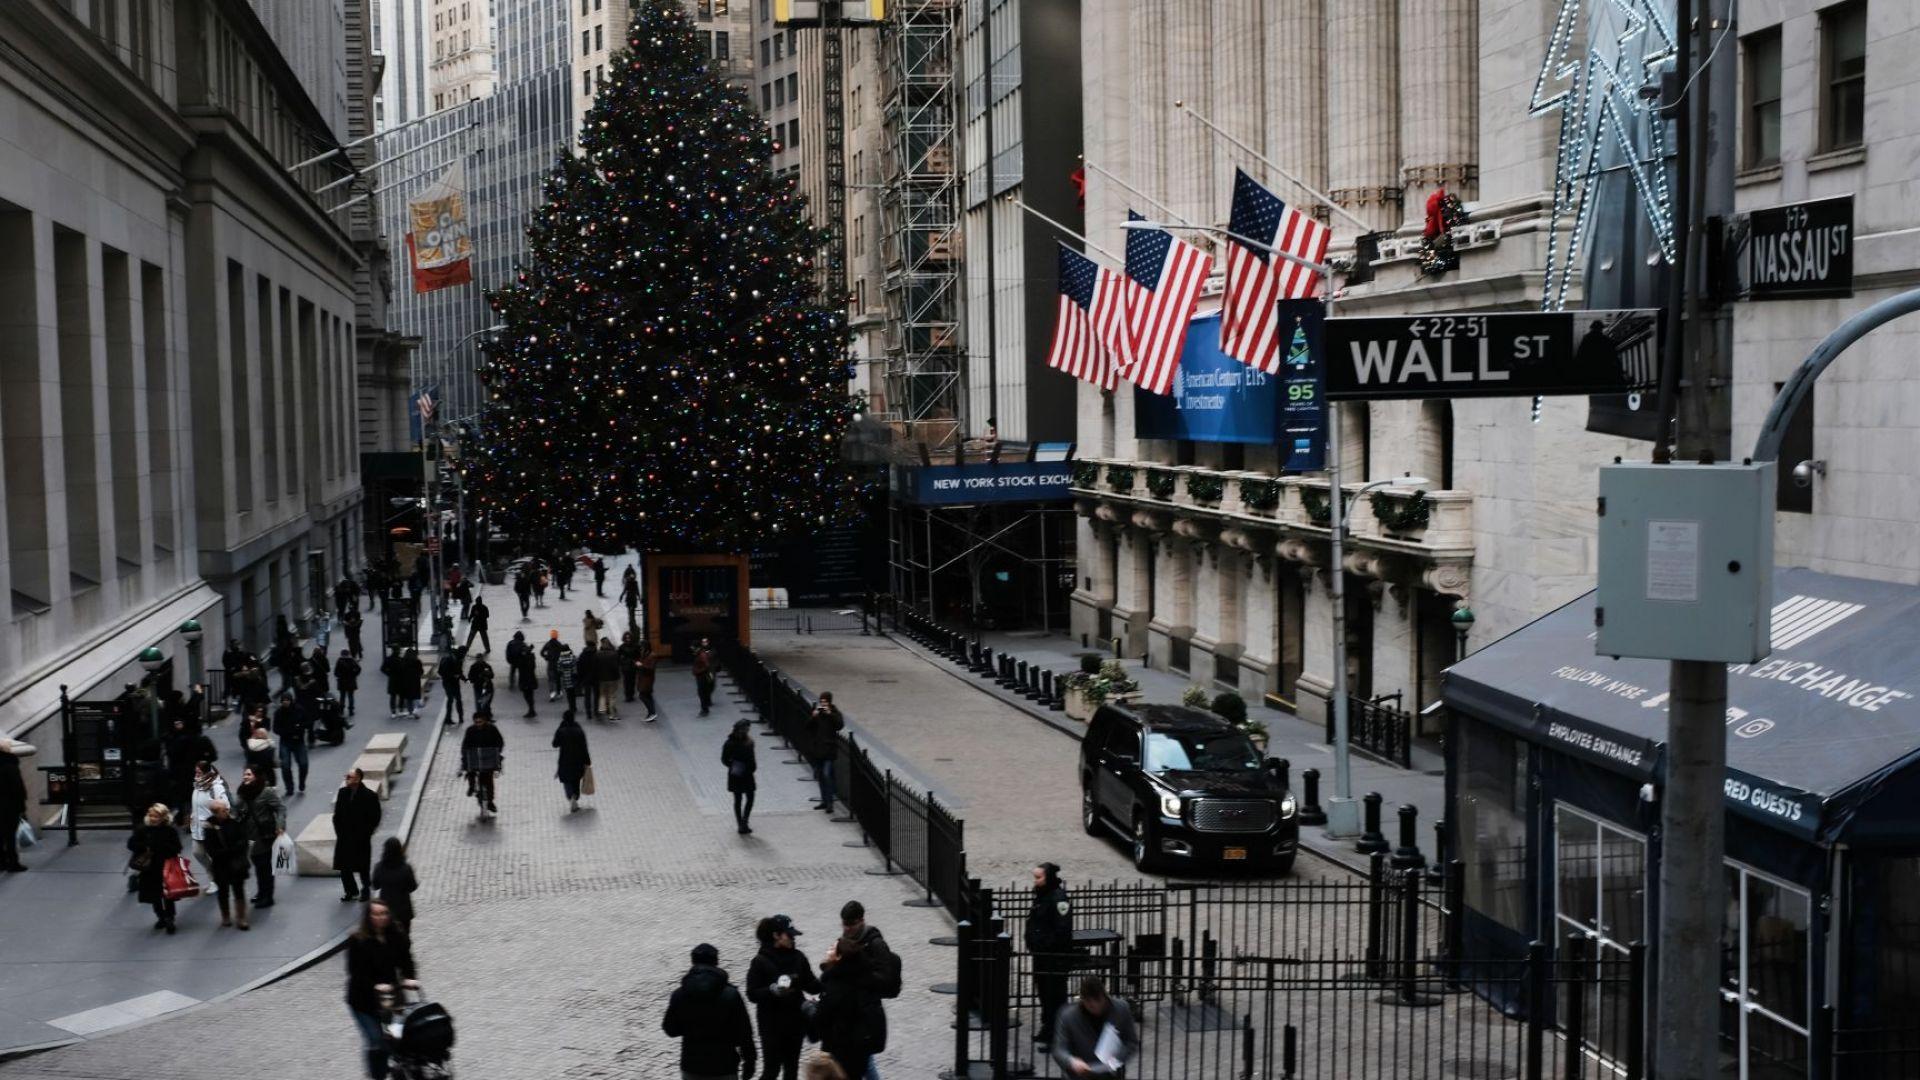 Ню Йорк остава глобален финансов център №1